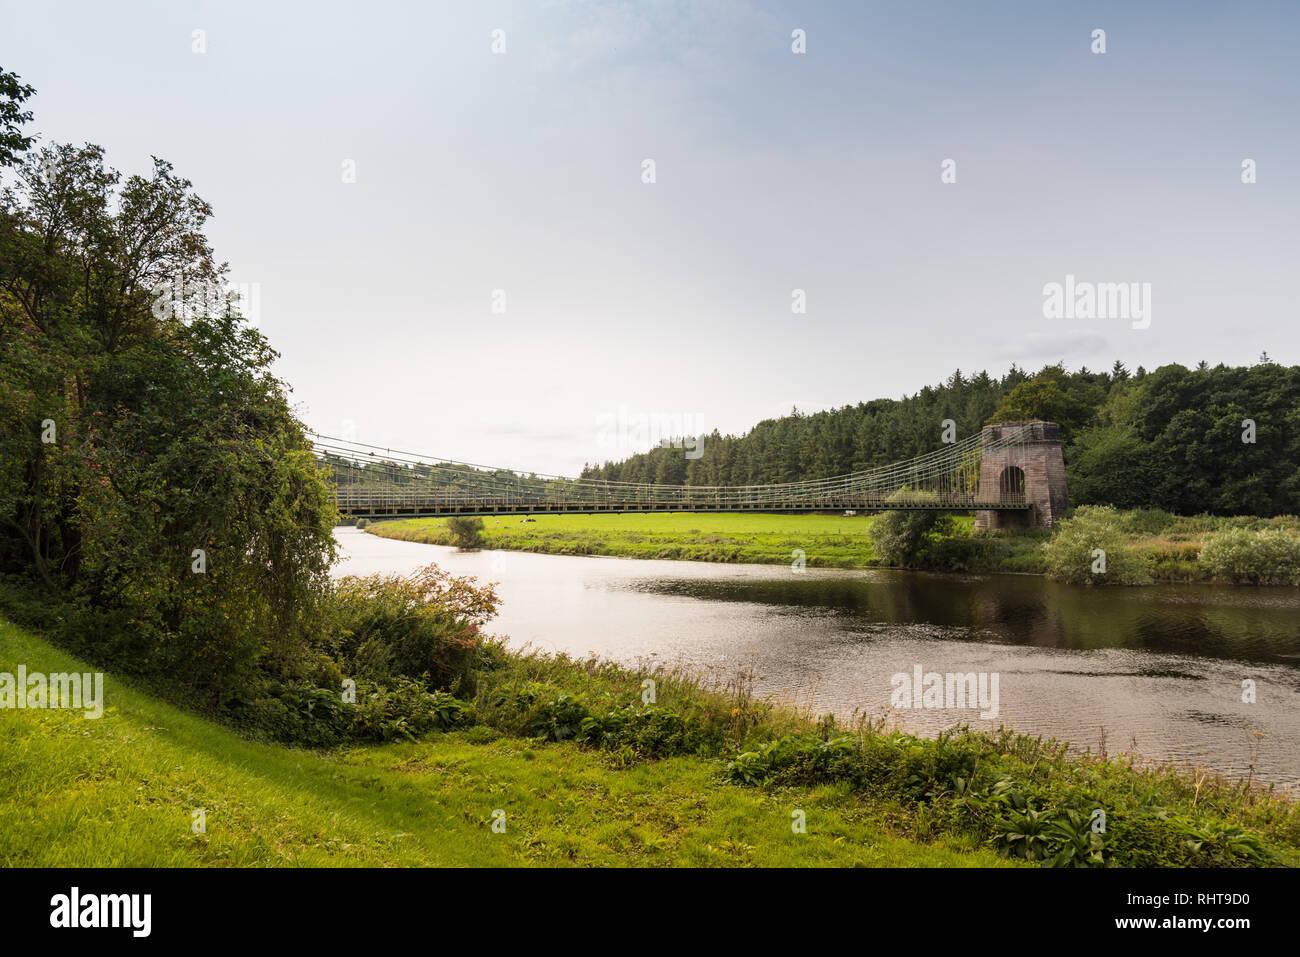 El Puente de la cadena europea, Northumberland, Reino Unido Imagen De Stock